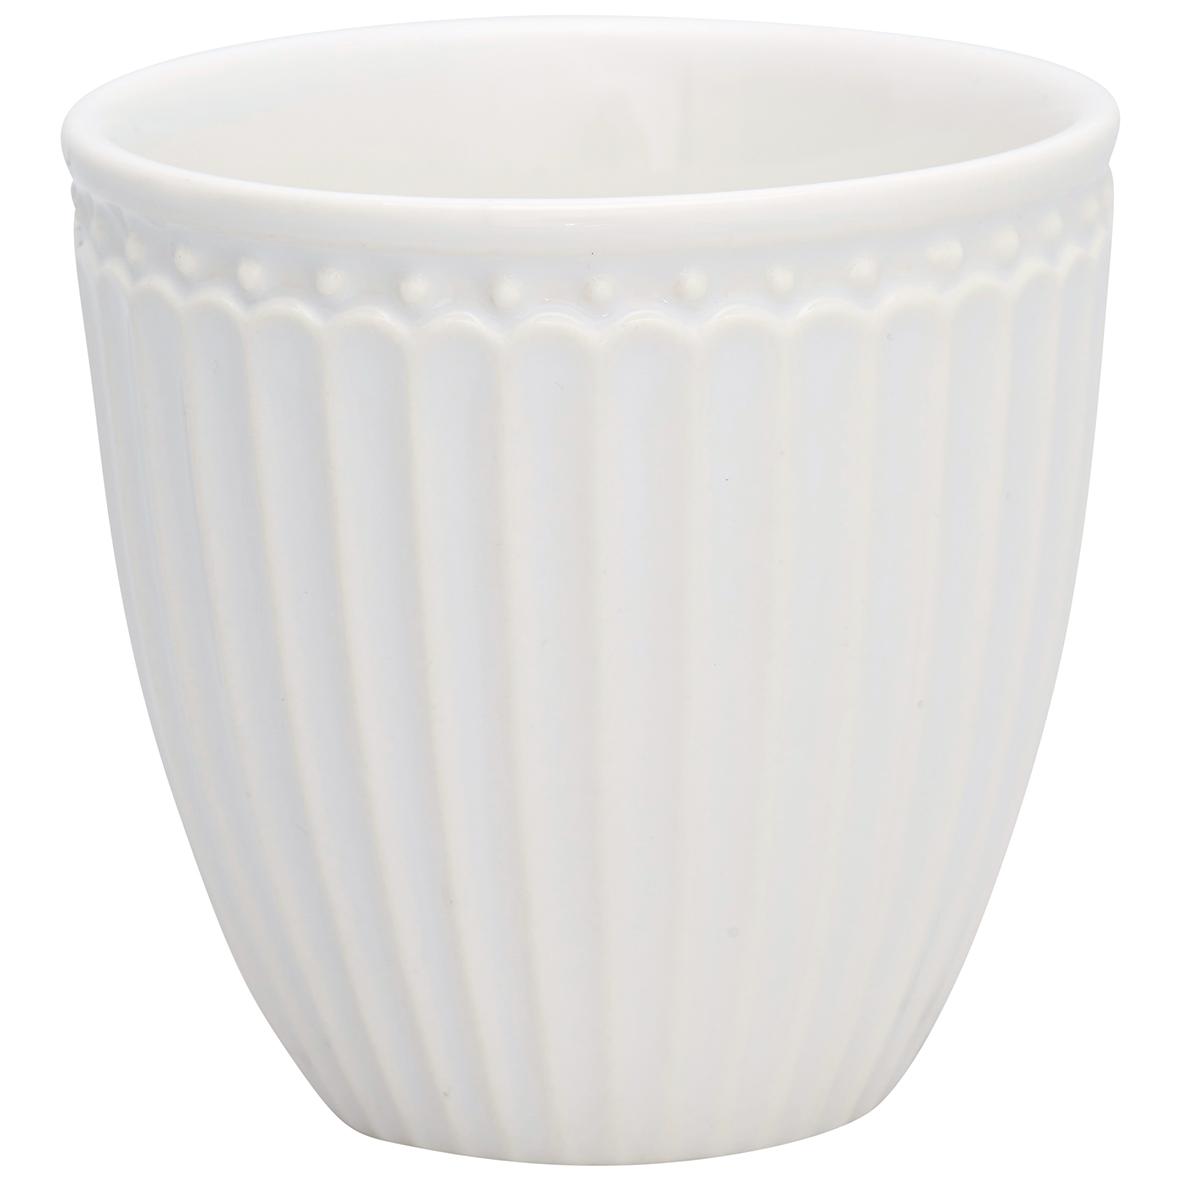 Espressotasse | Mini-Latte Cup - Alice white- Greengate